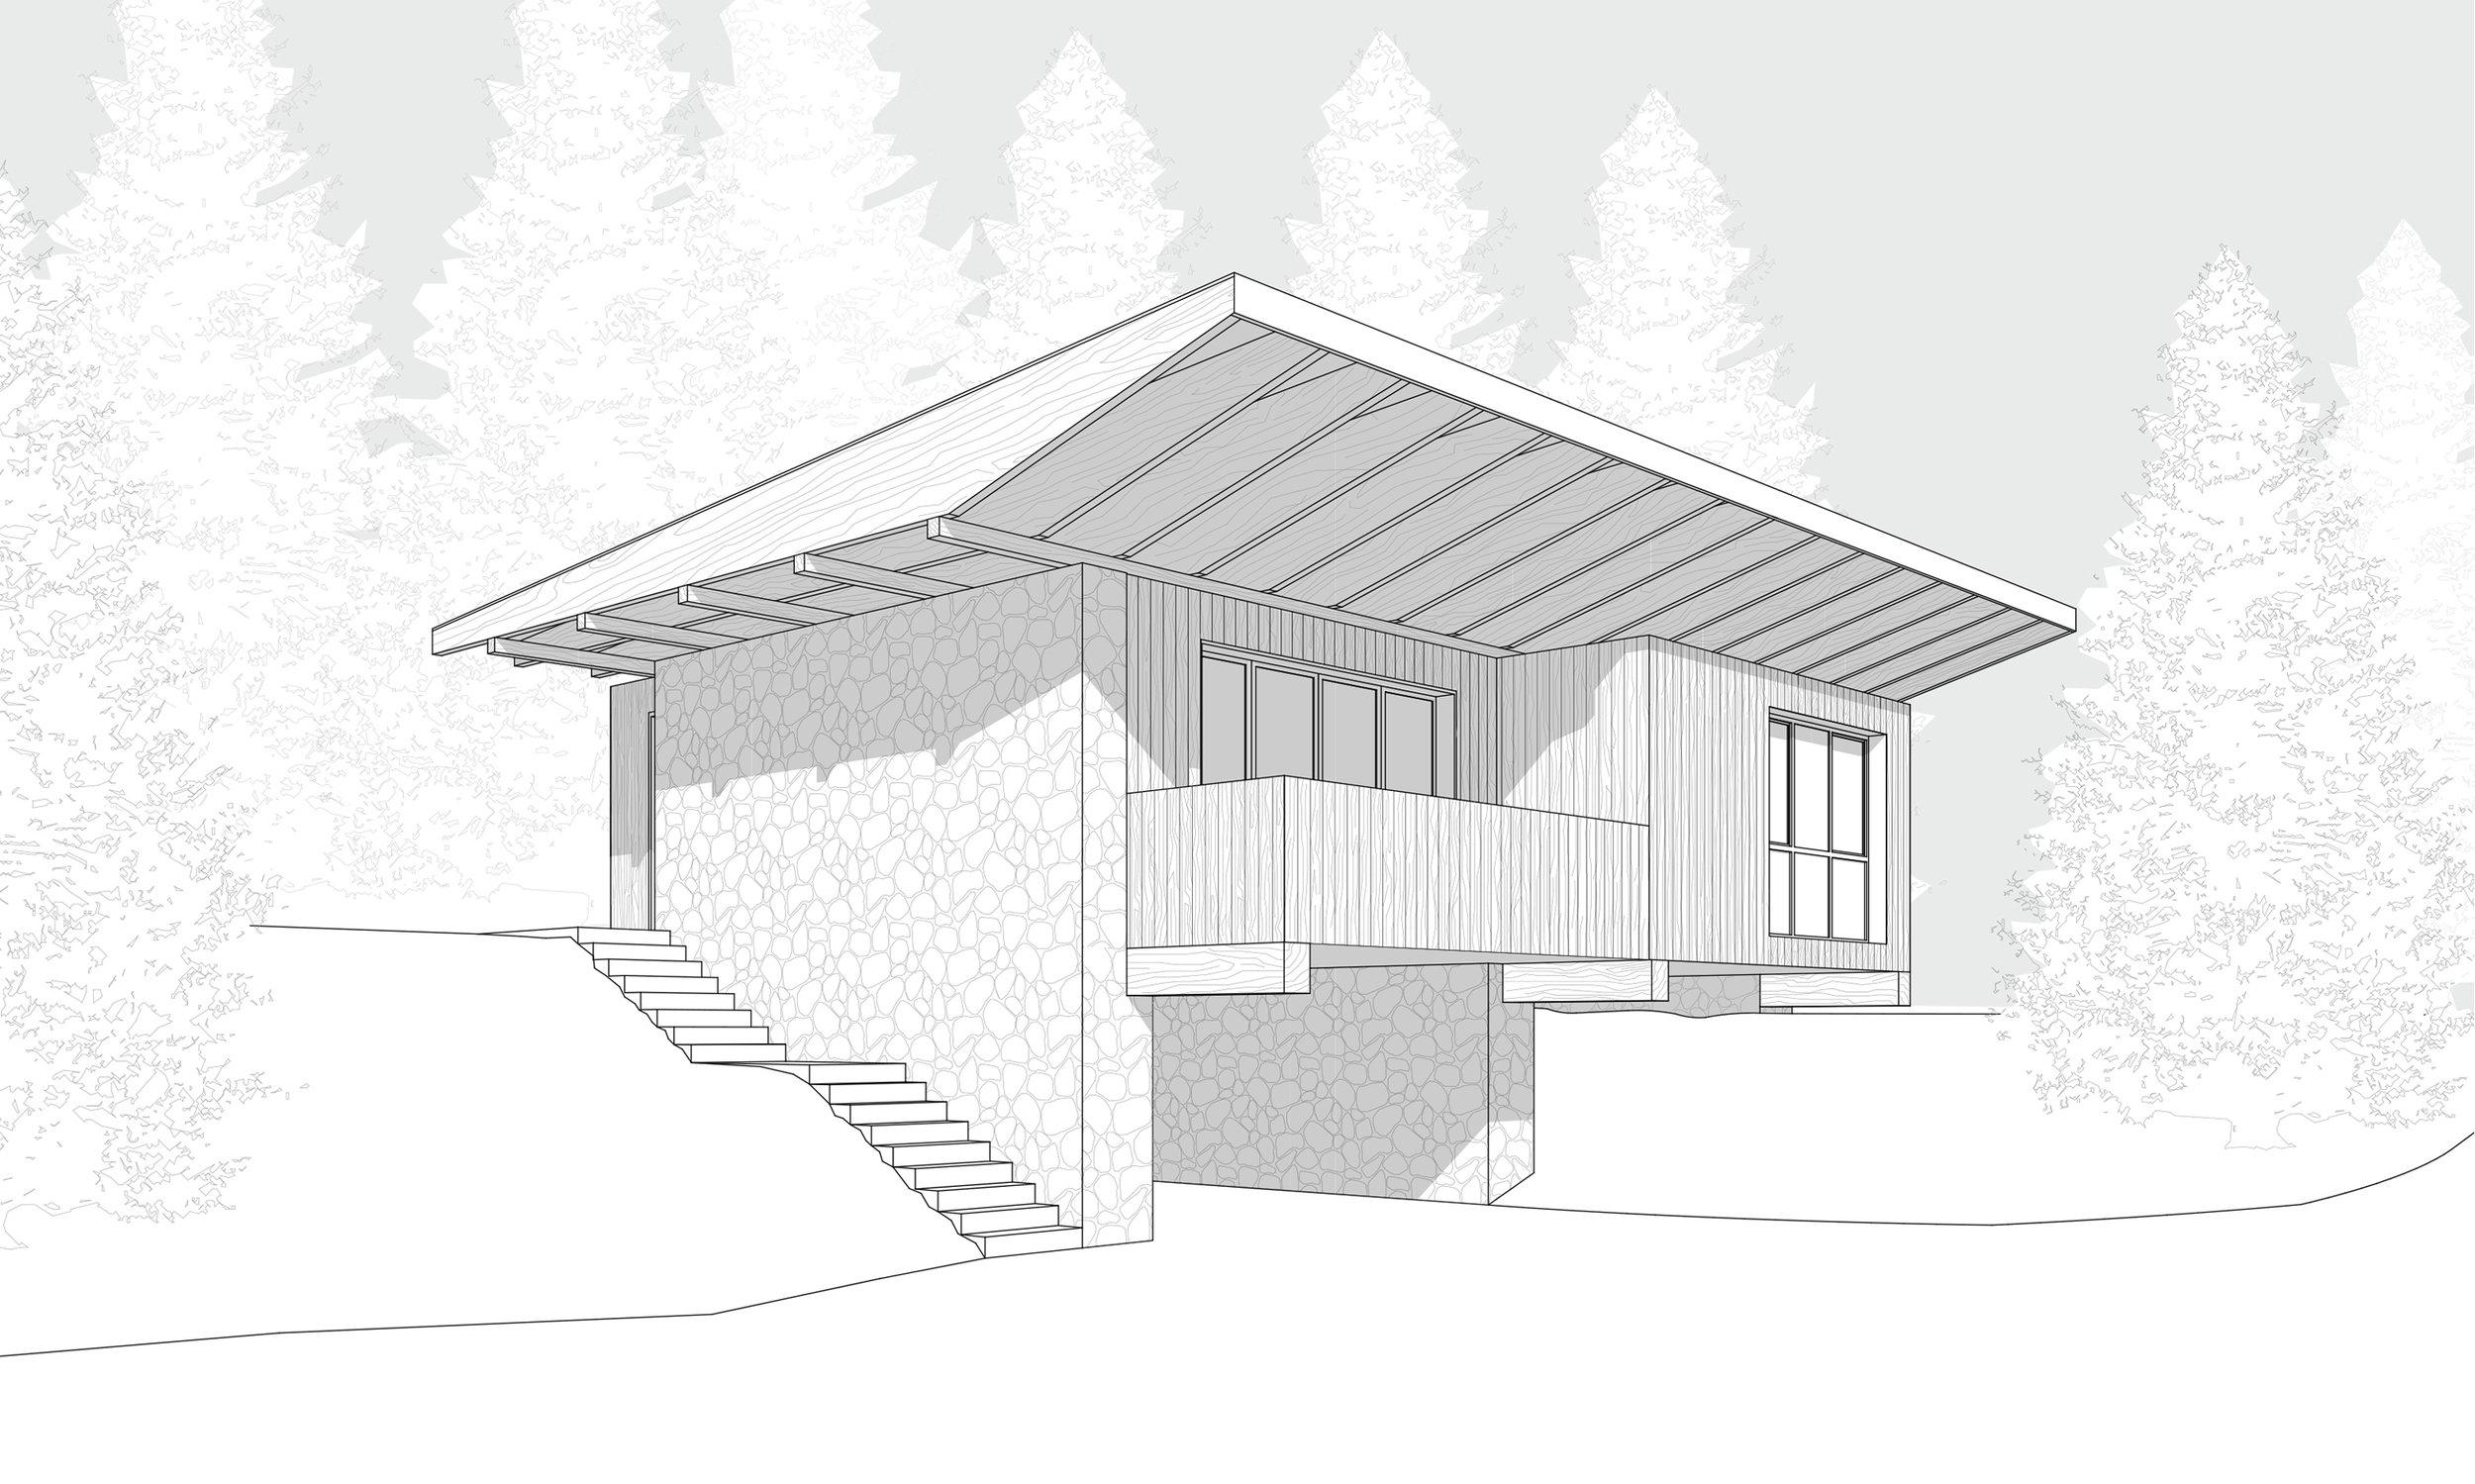 cortina-casa-montagna-interior-design-legno-pietra-prospettiva.jpg